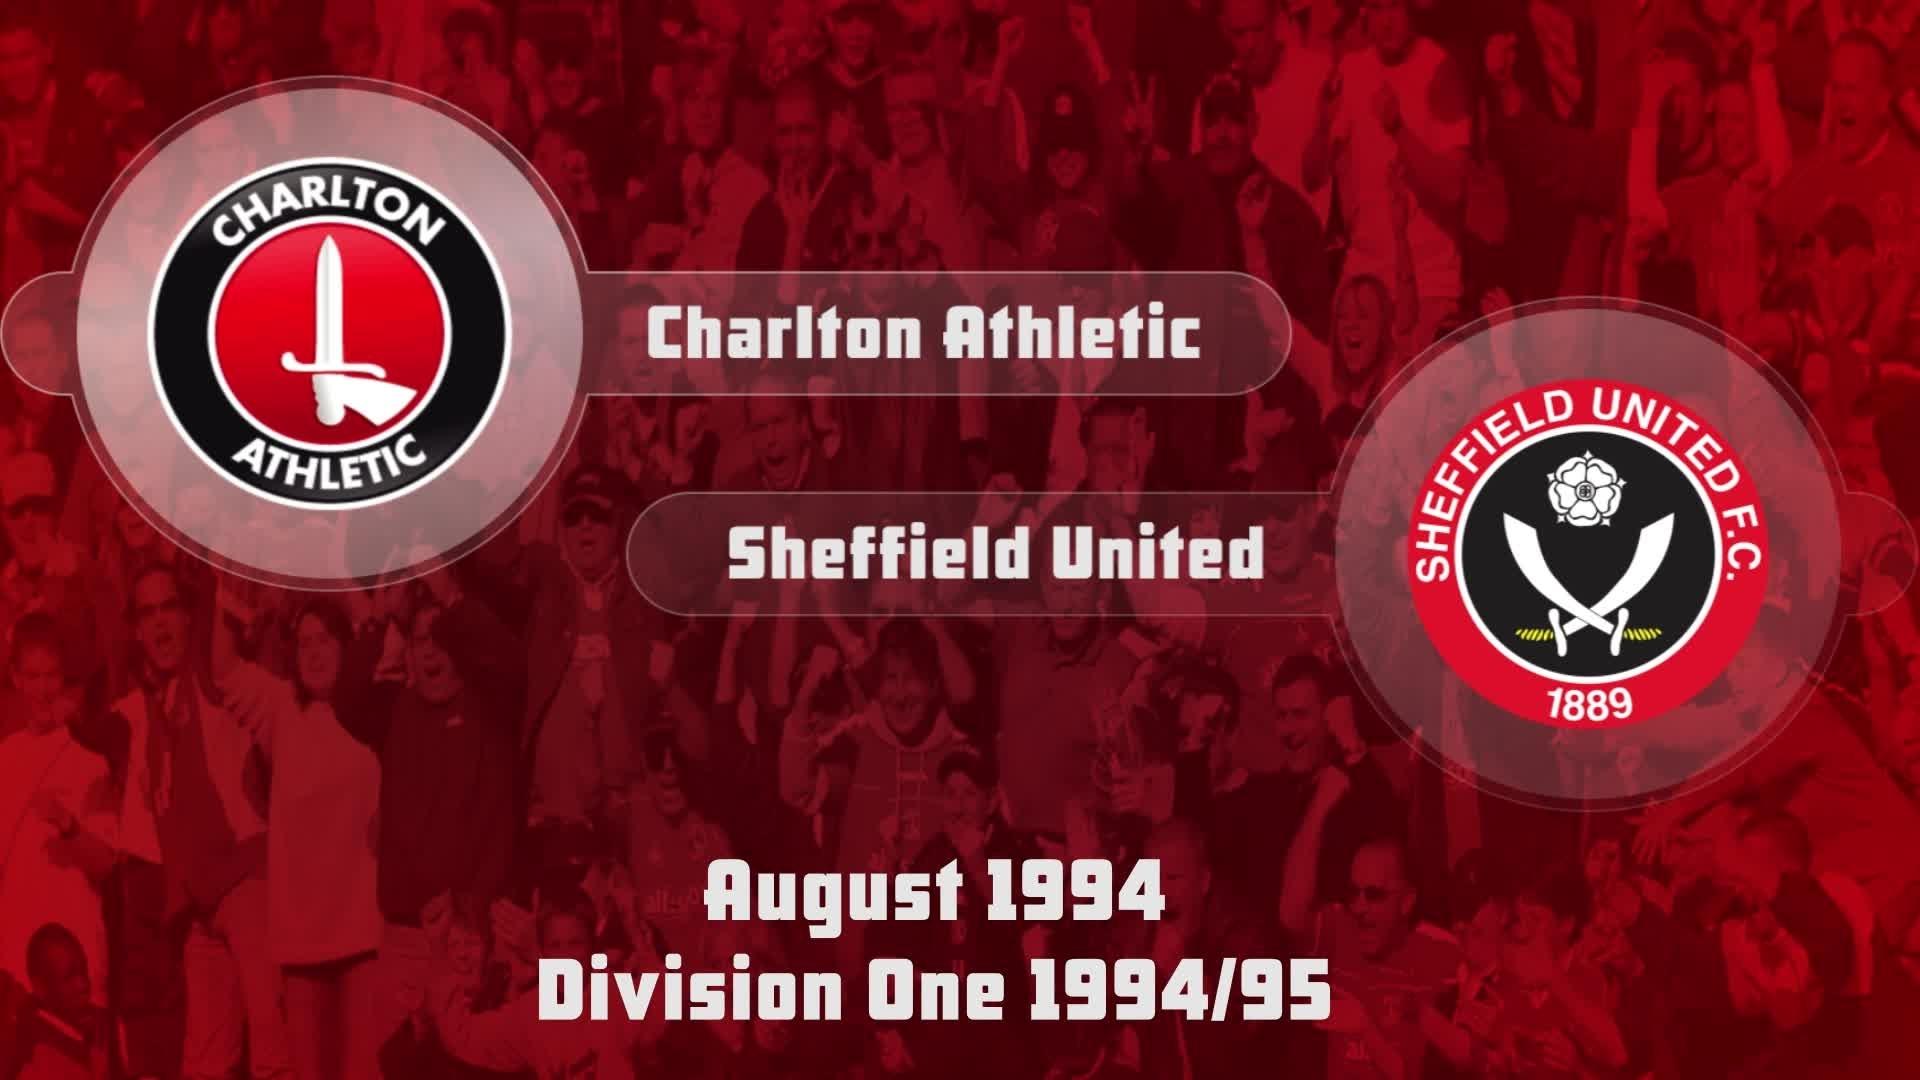 04 HIGHLIGHTS | Charlton 1 Sheff Utd 1 (Aug 1994)